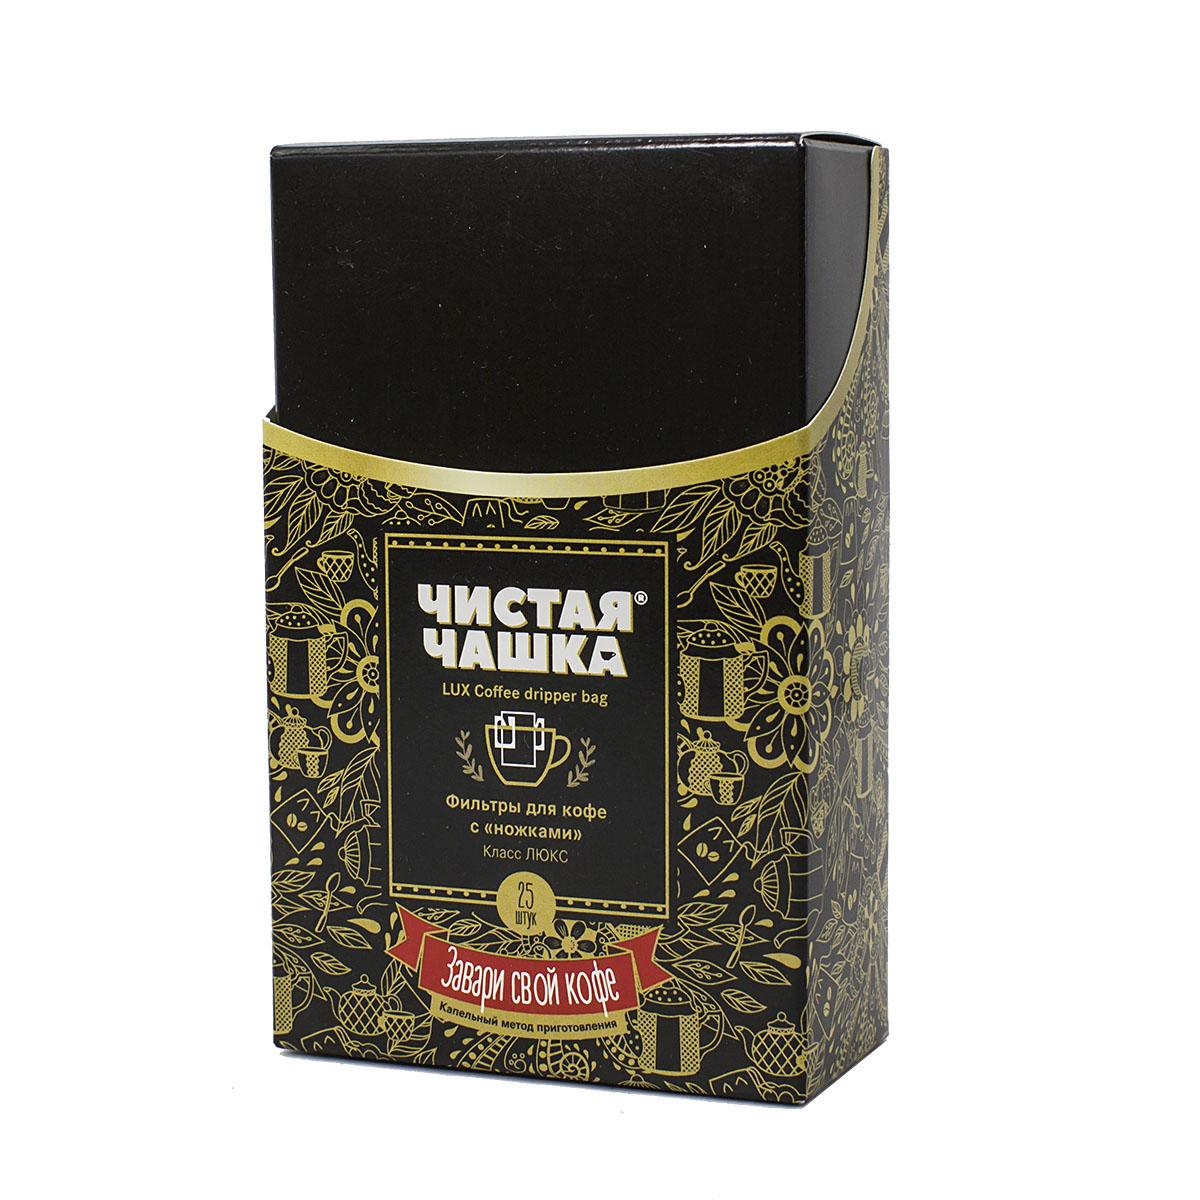 Фильтры для кофе с ножками Чистая чашка, 25 шт пряжа для вязания alize angora gold цвет кофе с молоком 543 550 м 100 г 5 шт